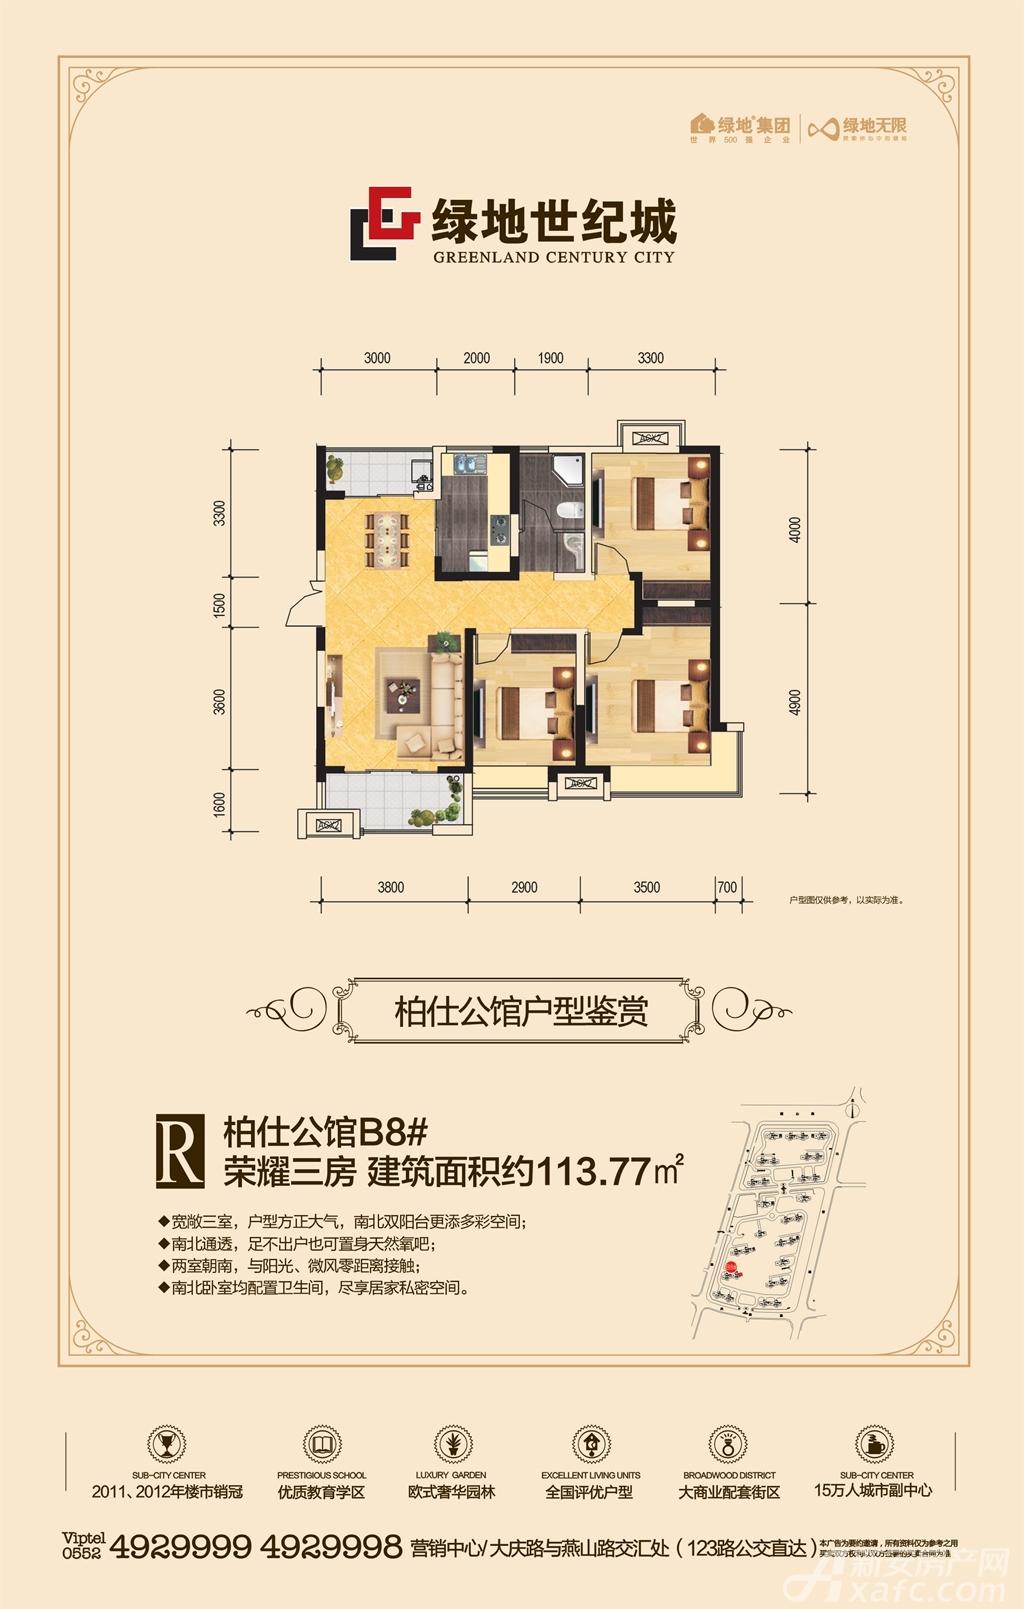 绿地世纪城绿地世纪城O柏庄公馆B8#R户型3室2厅113.77平米